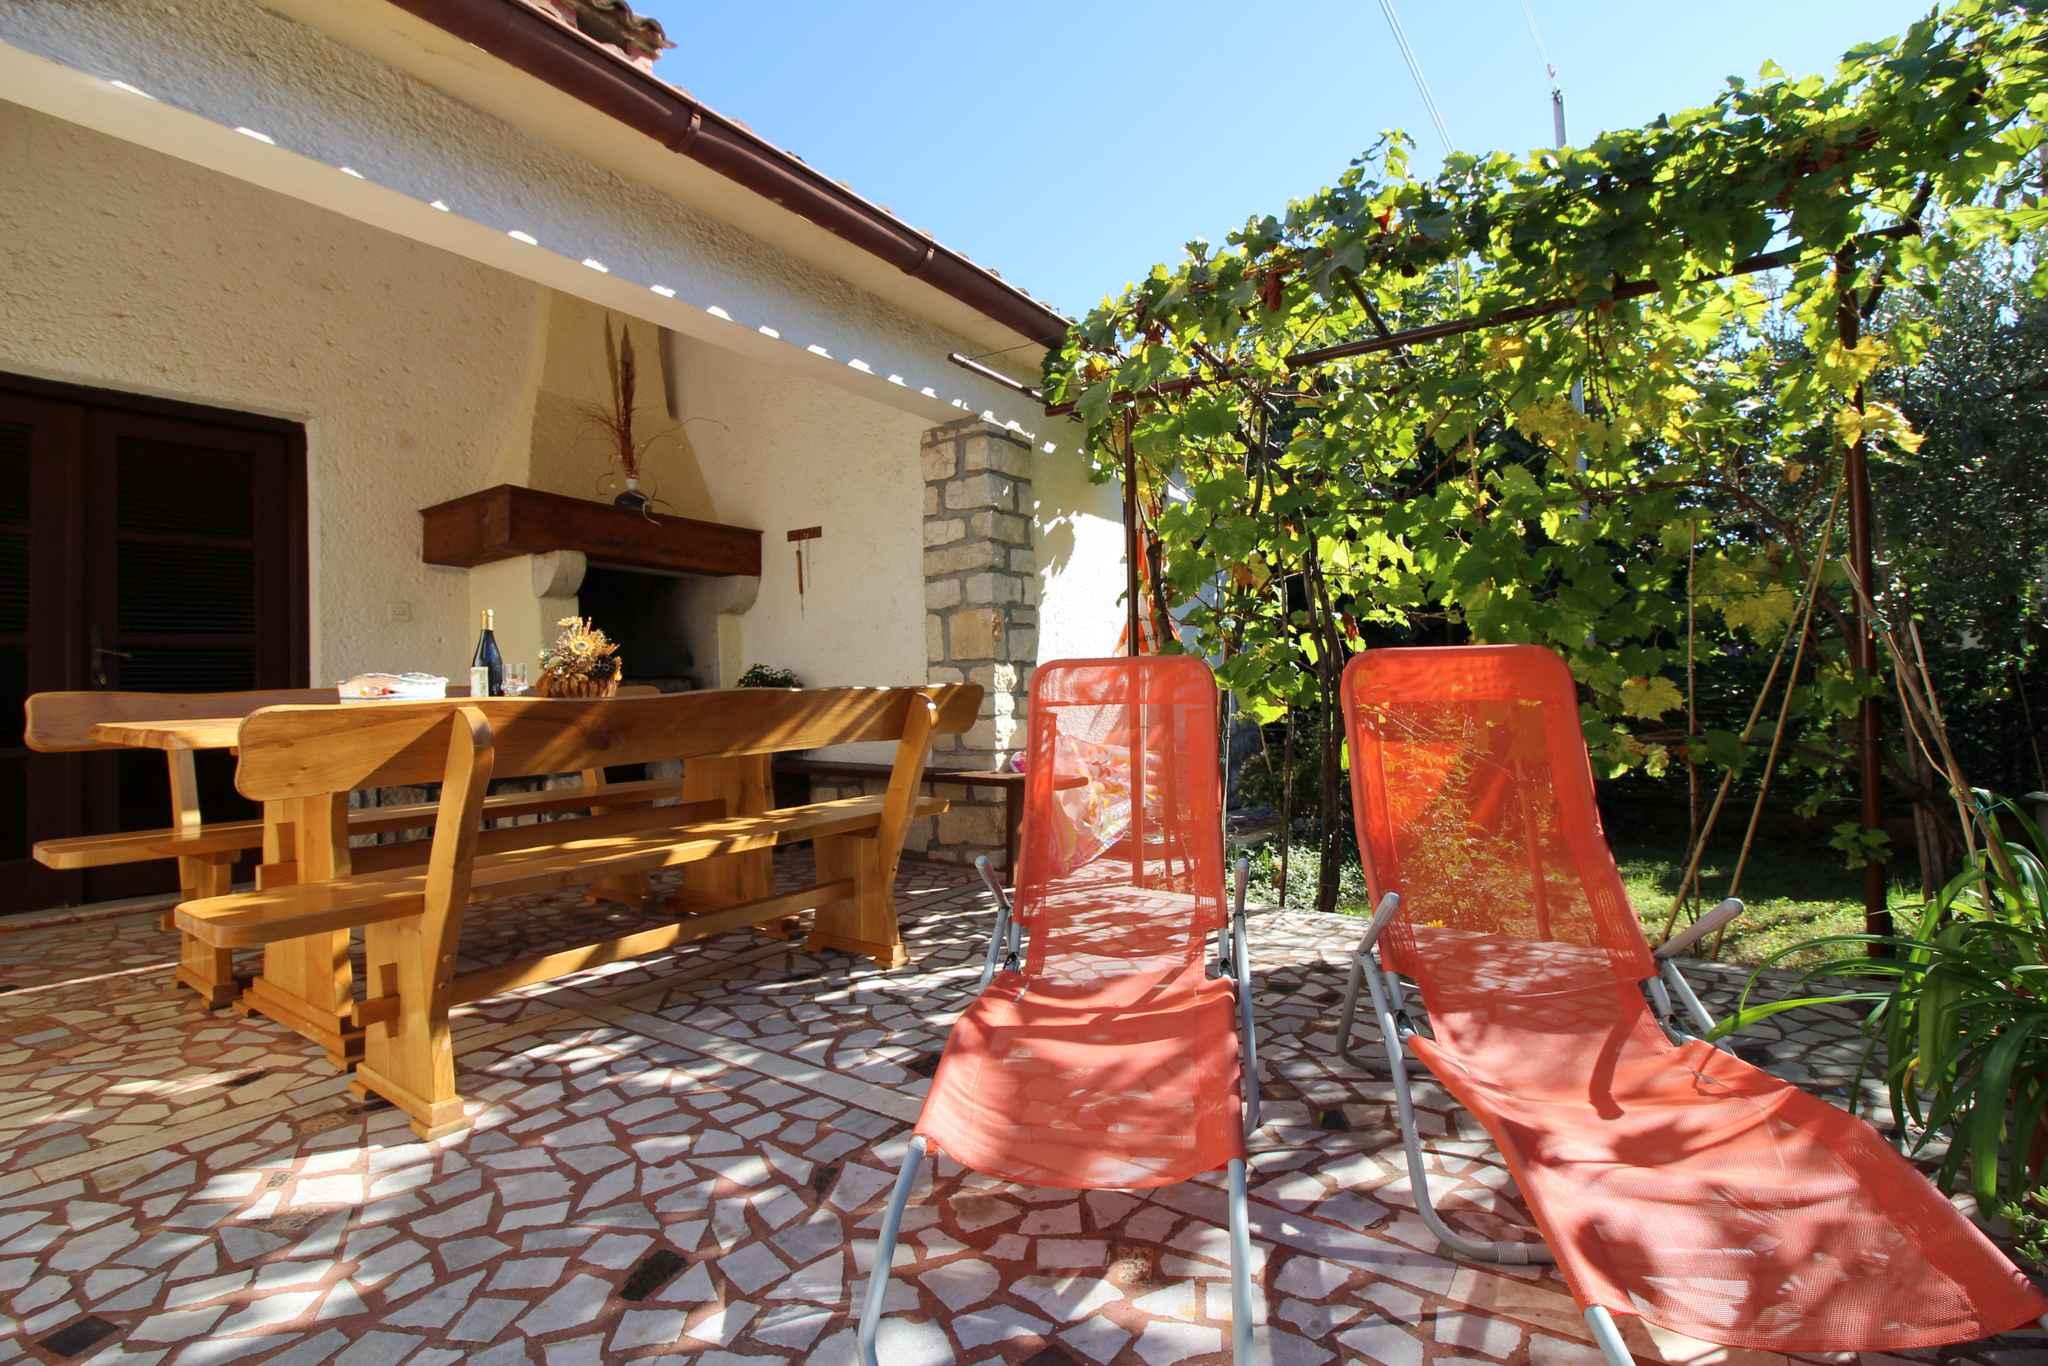 Ferienwohnung mit schönem Garten (280254), Porec, , Istrien, Kroatien, Bild 5